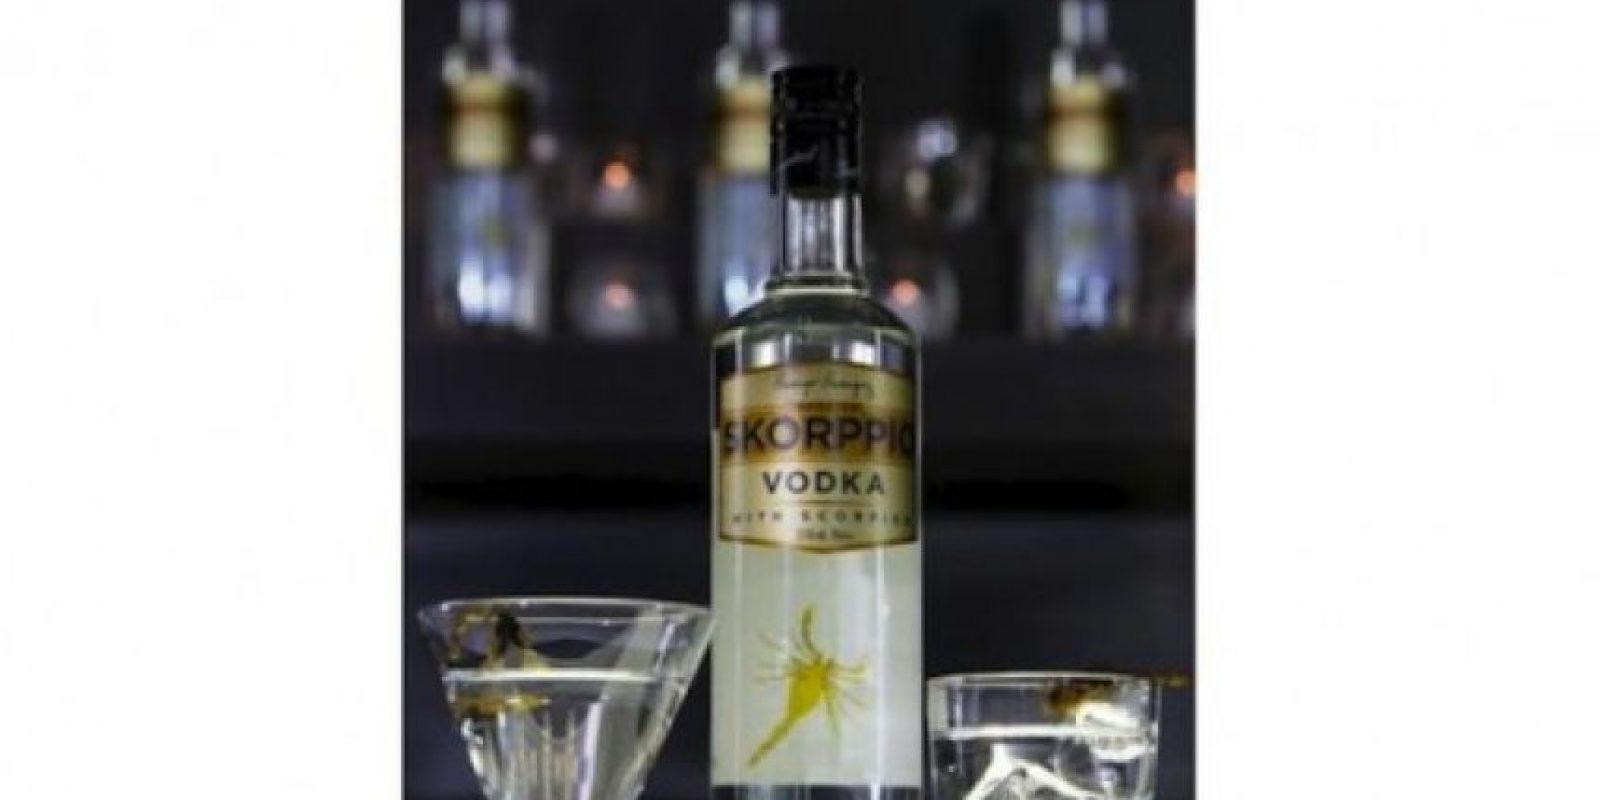 Vodka de Escorpión. Las toxinas del insecto son neutralizadas antes de incluirlo en la bebida